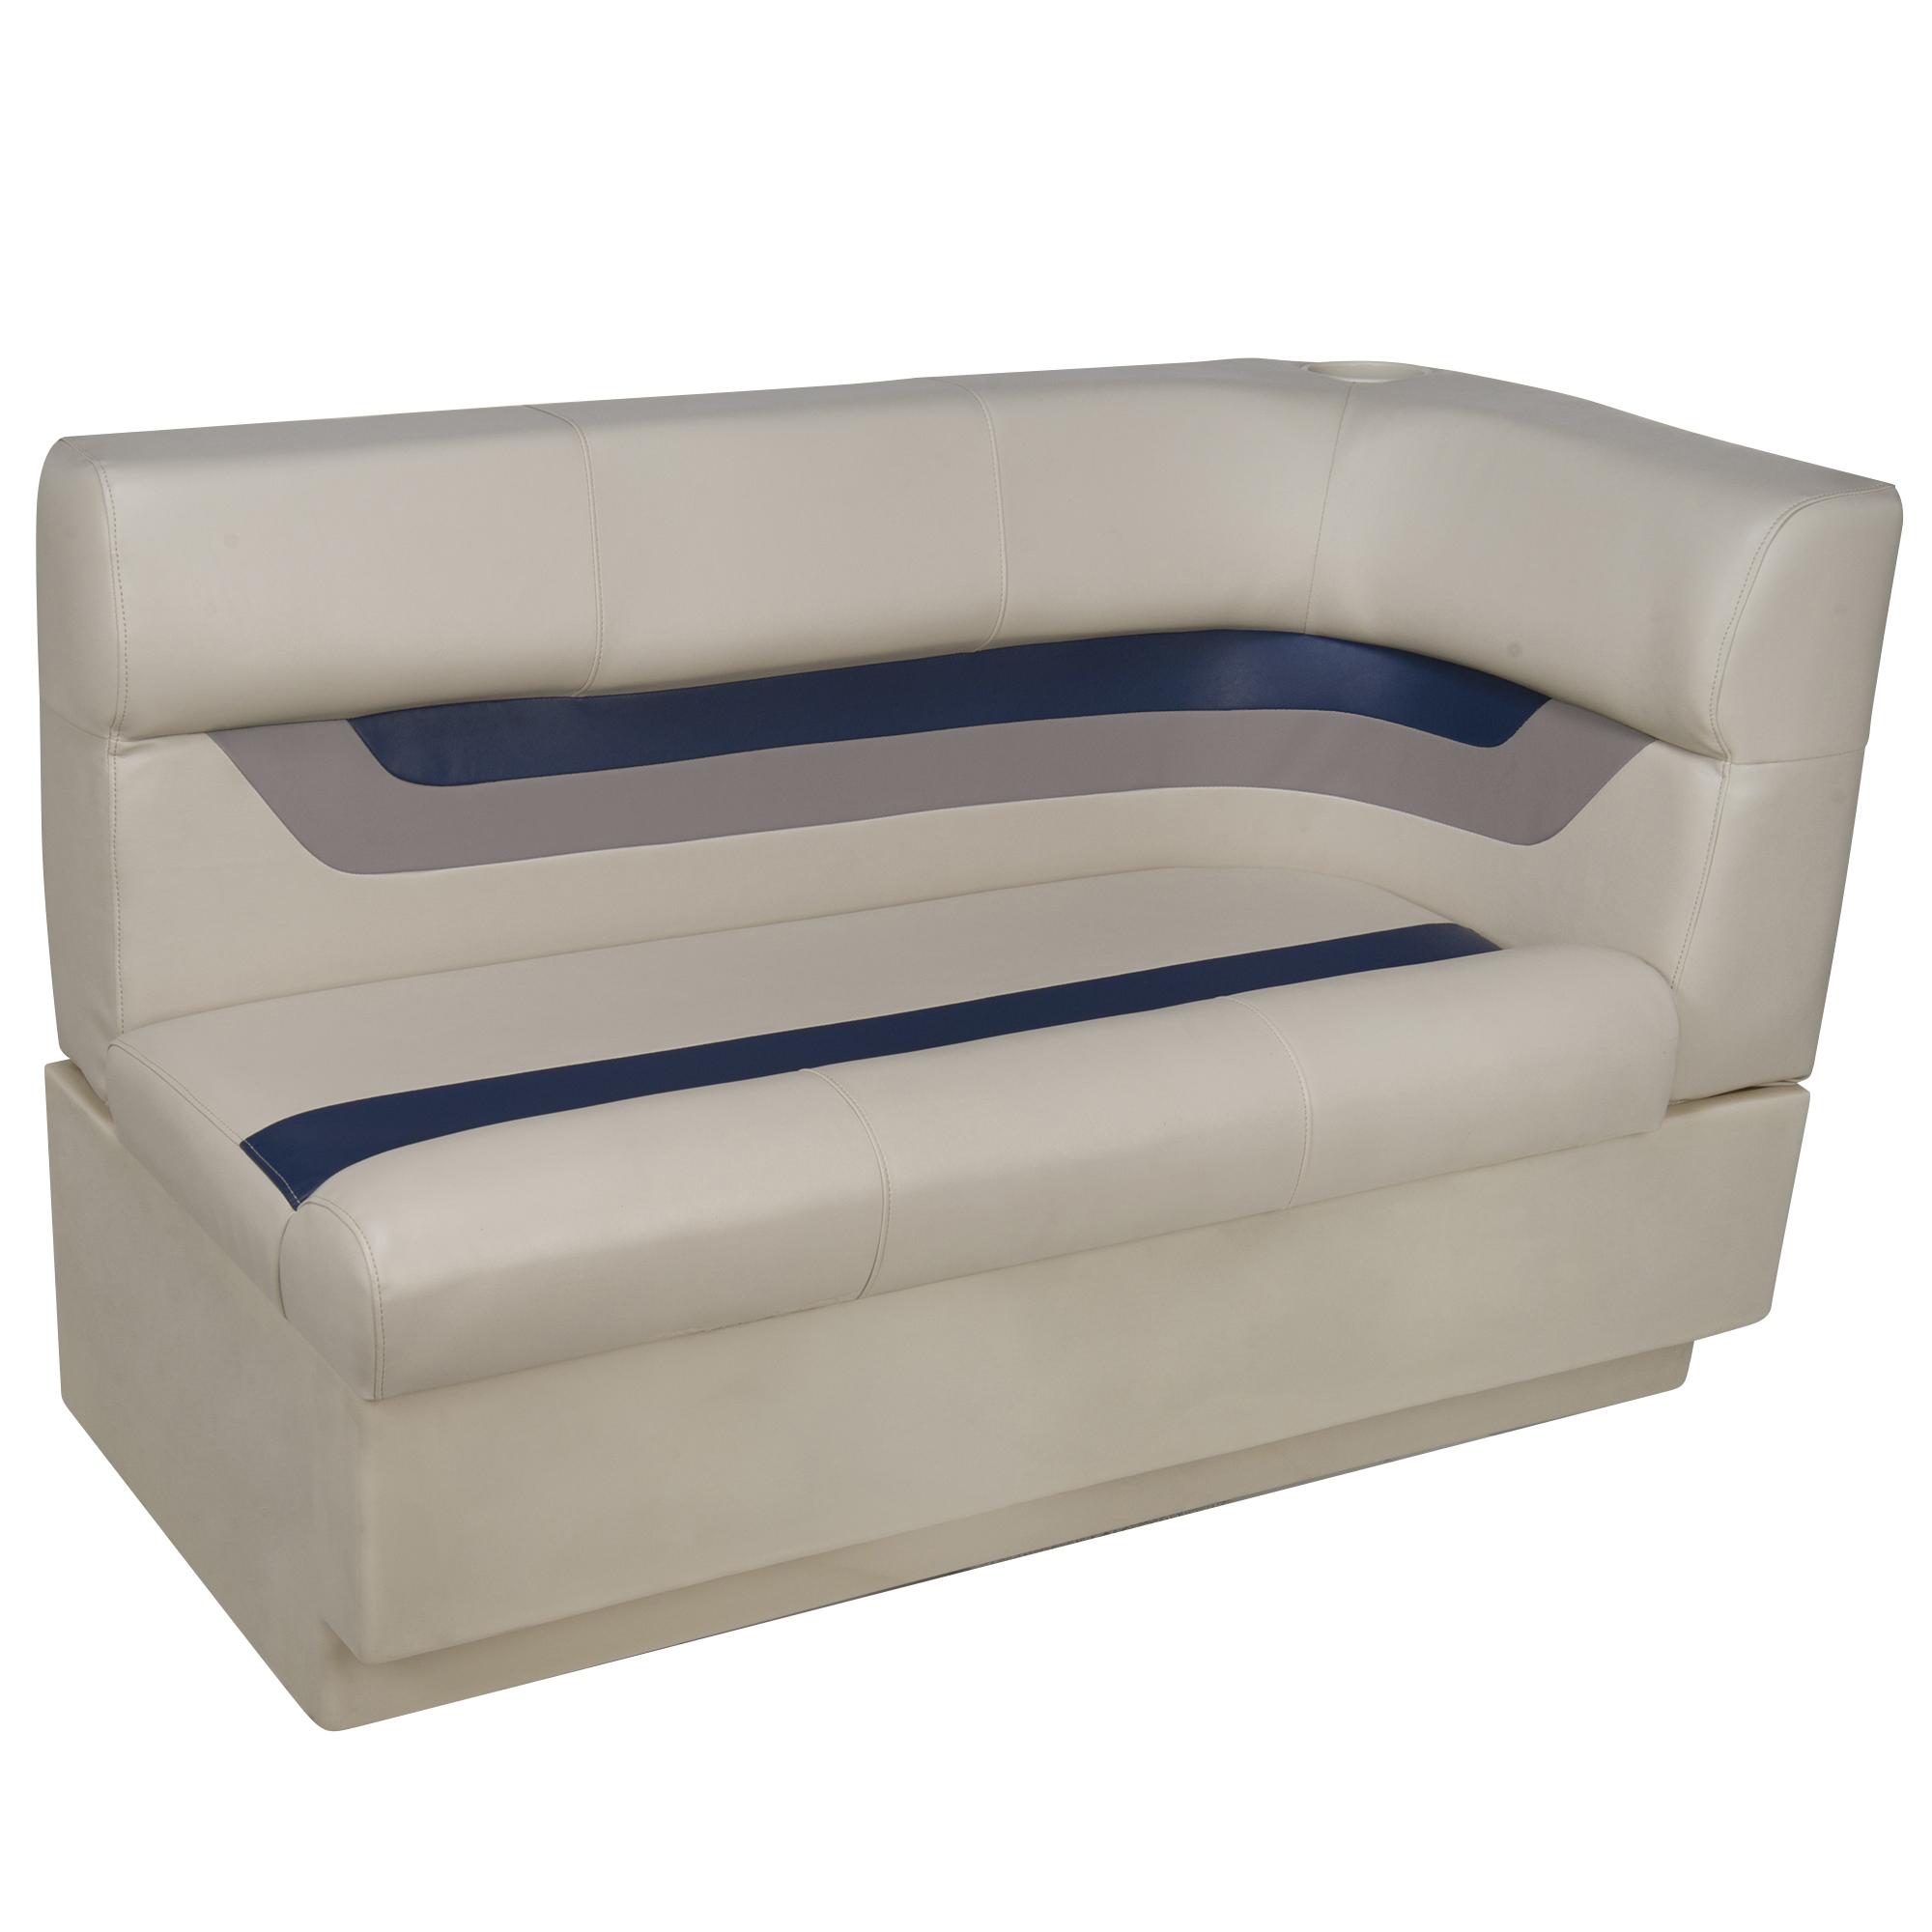 Toonmate Designer Pontoon Left-Side Corner Couch - TOP ONLY